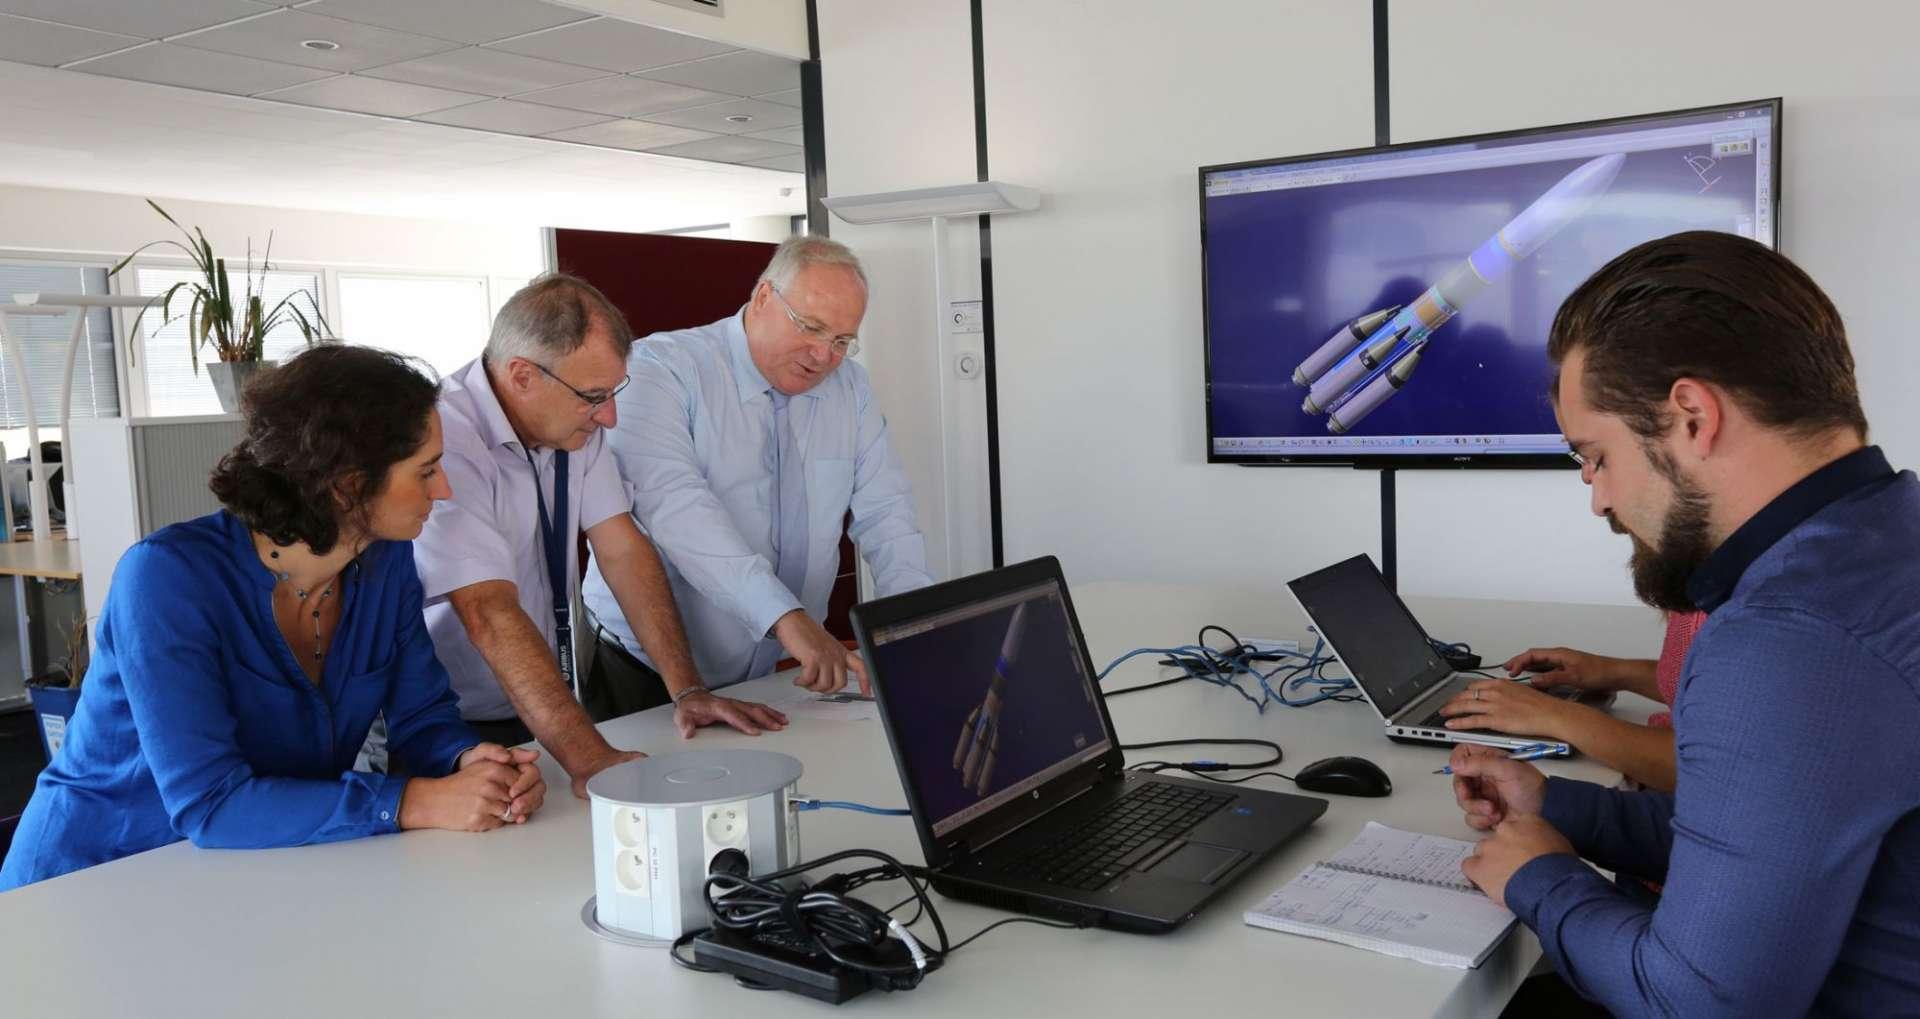 Ariane 6 : découvrez les petits secrets du futur lanceur européen